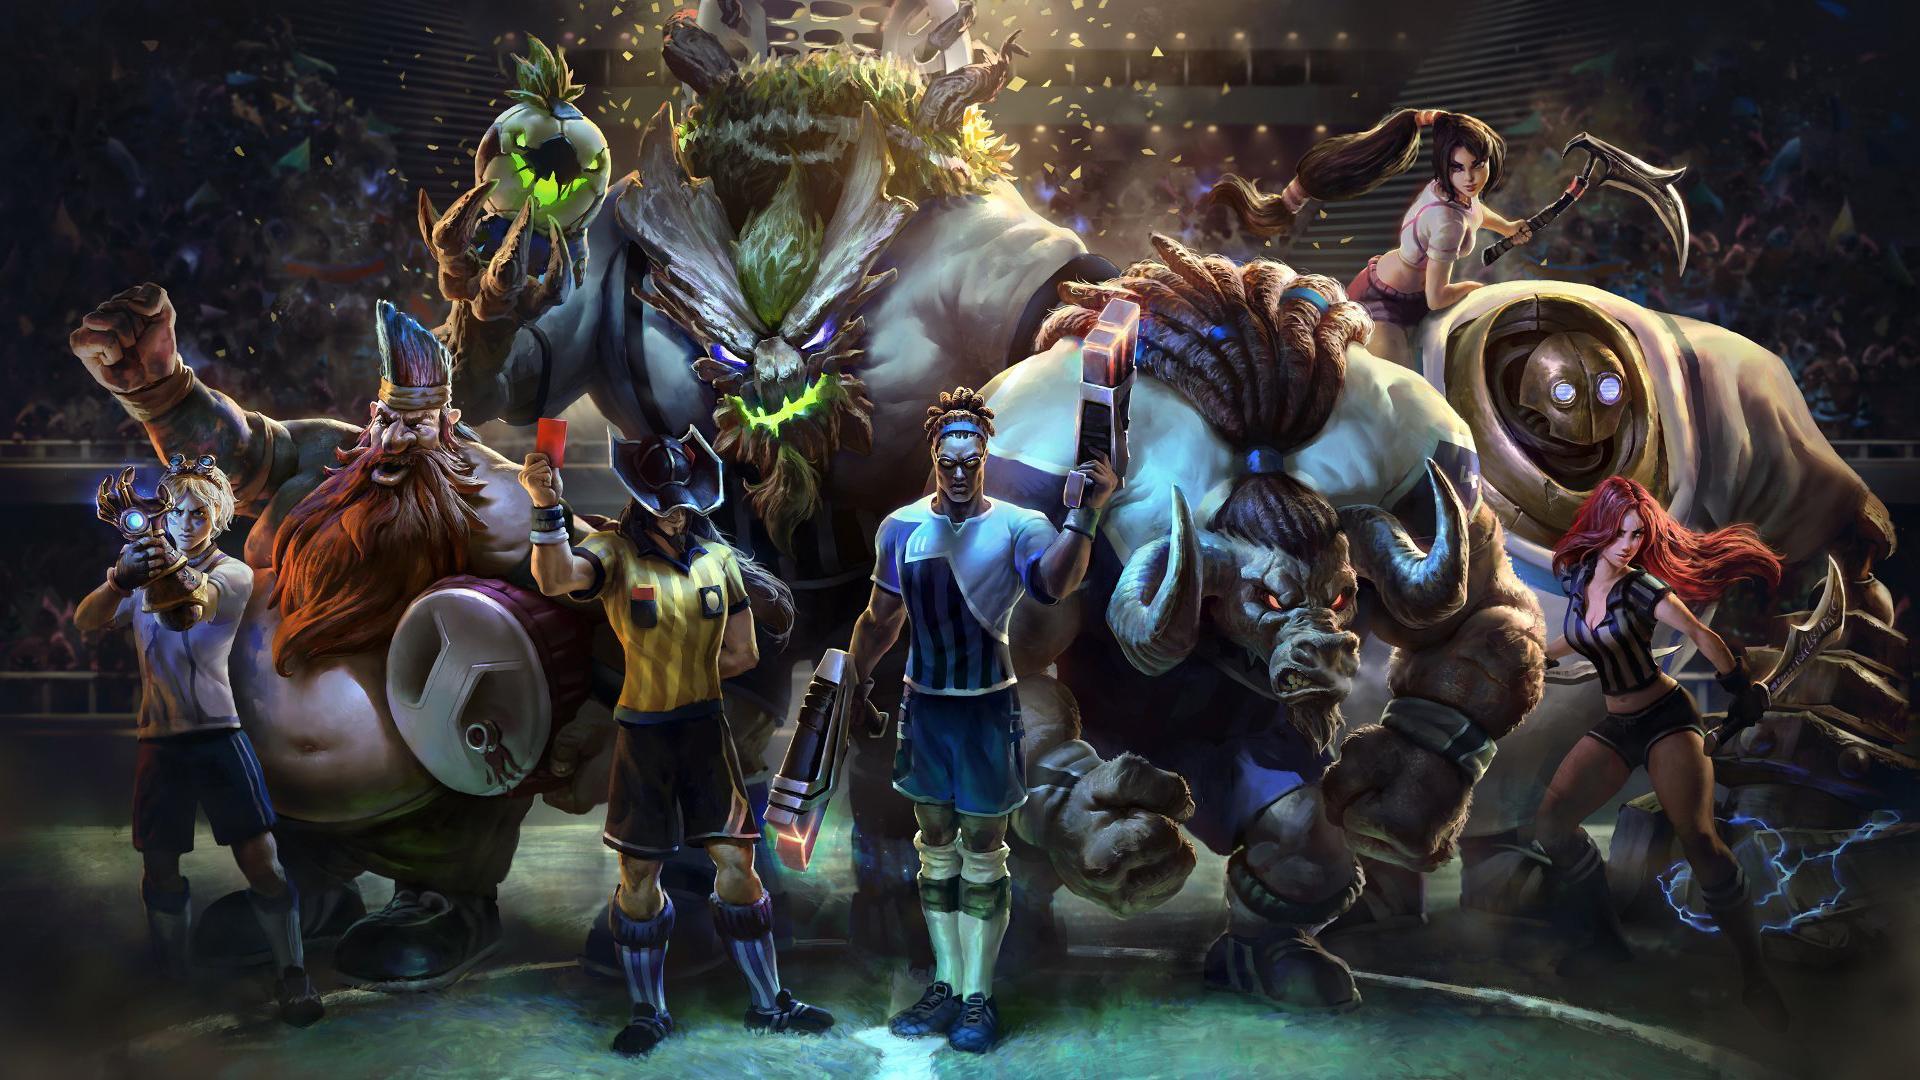 akali wallpaper league of legends